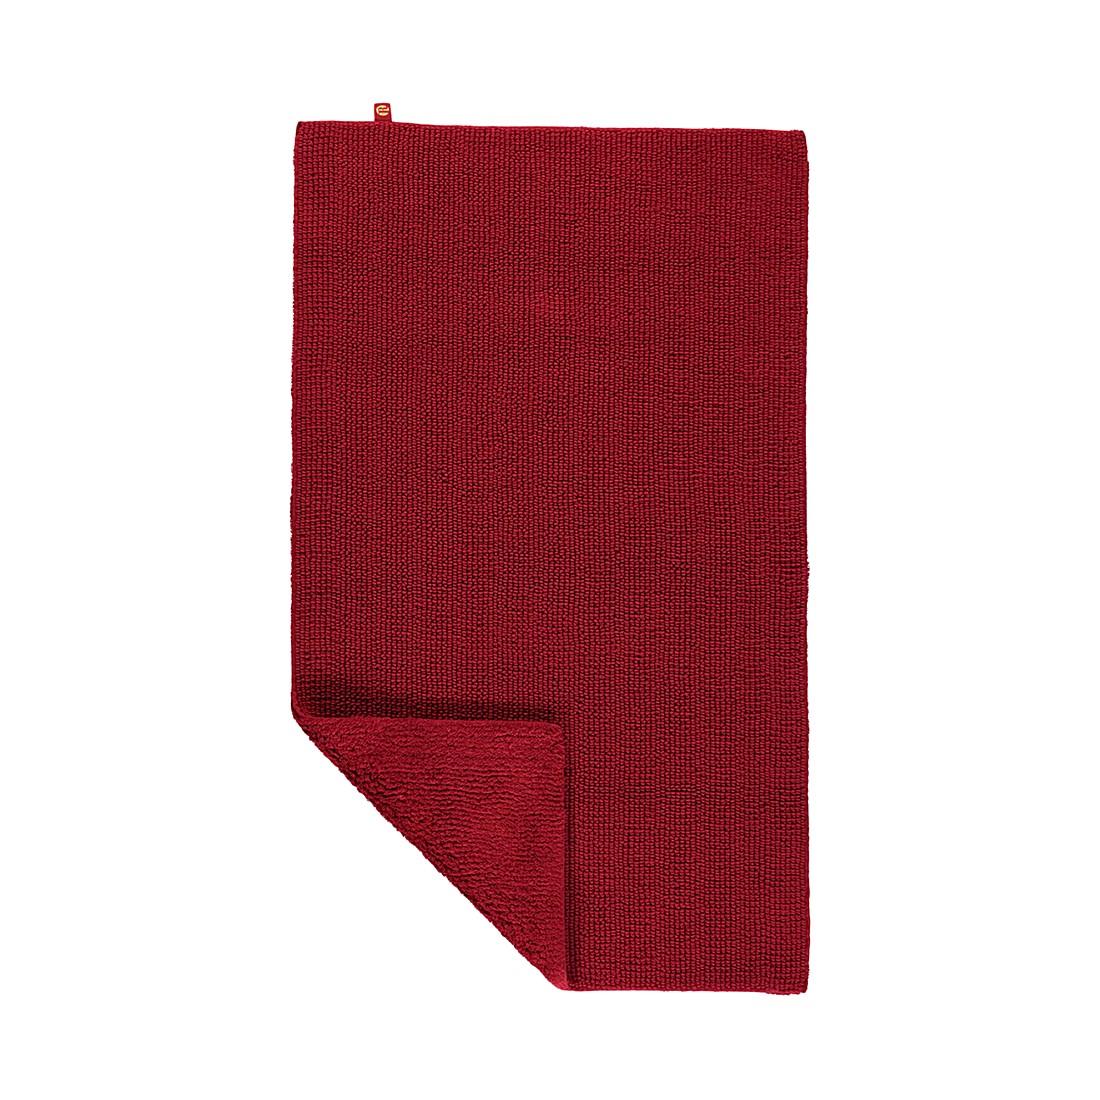 Badteppiche Pur – 100% Baumwolle cardinal – 349 – 50 x 75 cm, Rhomtuft jetzt bestellen